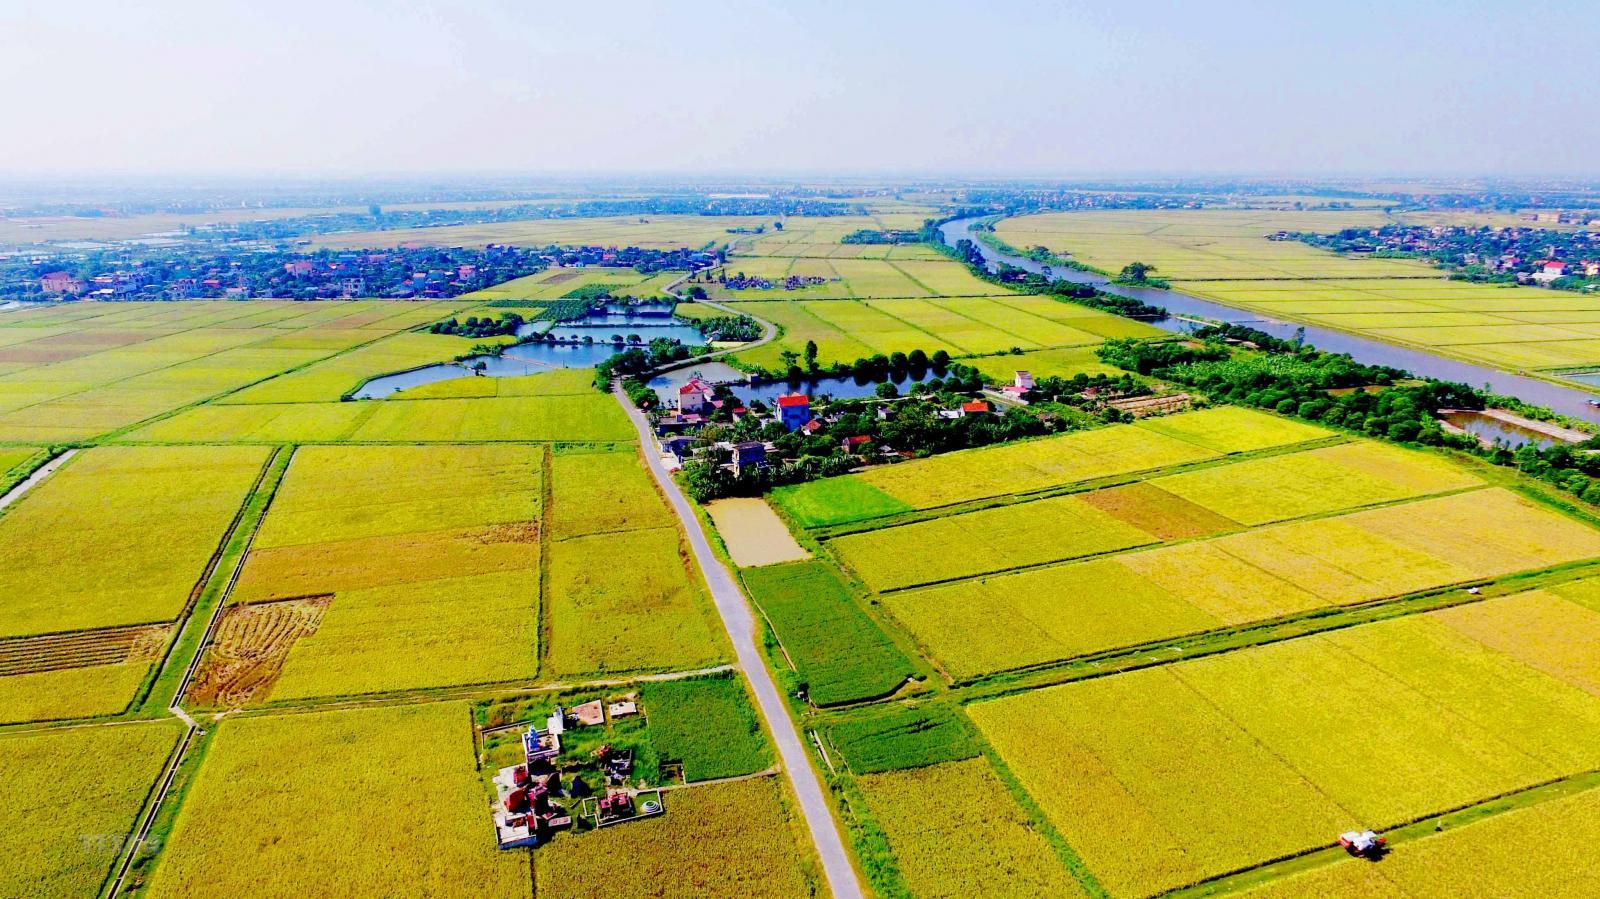 định nghĩa đất nông nghiệp là gì